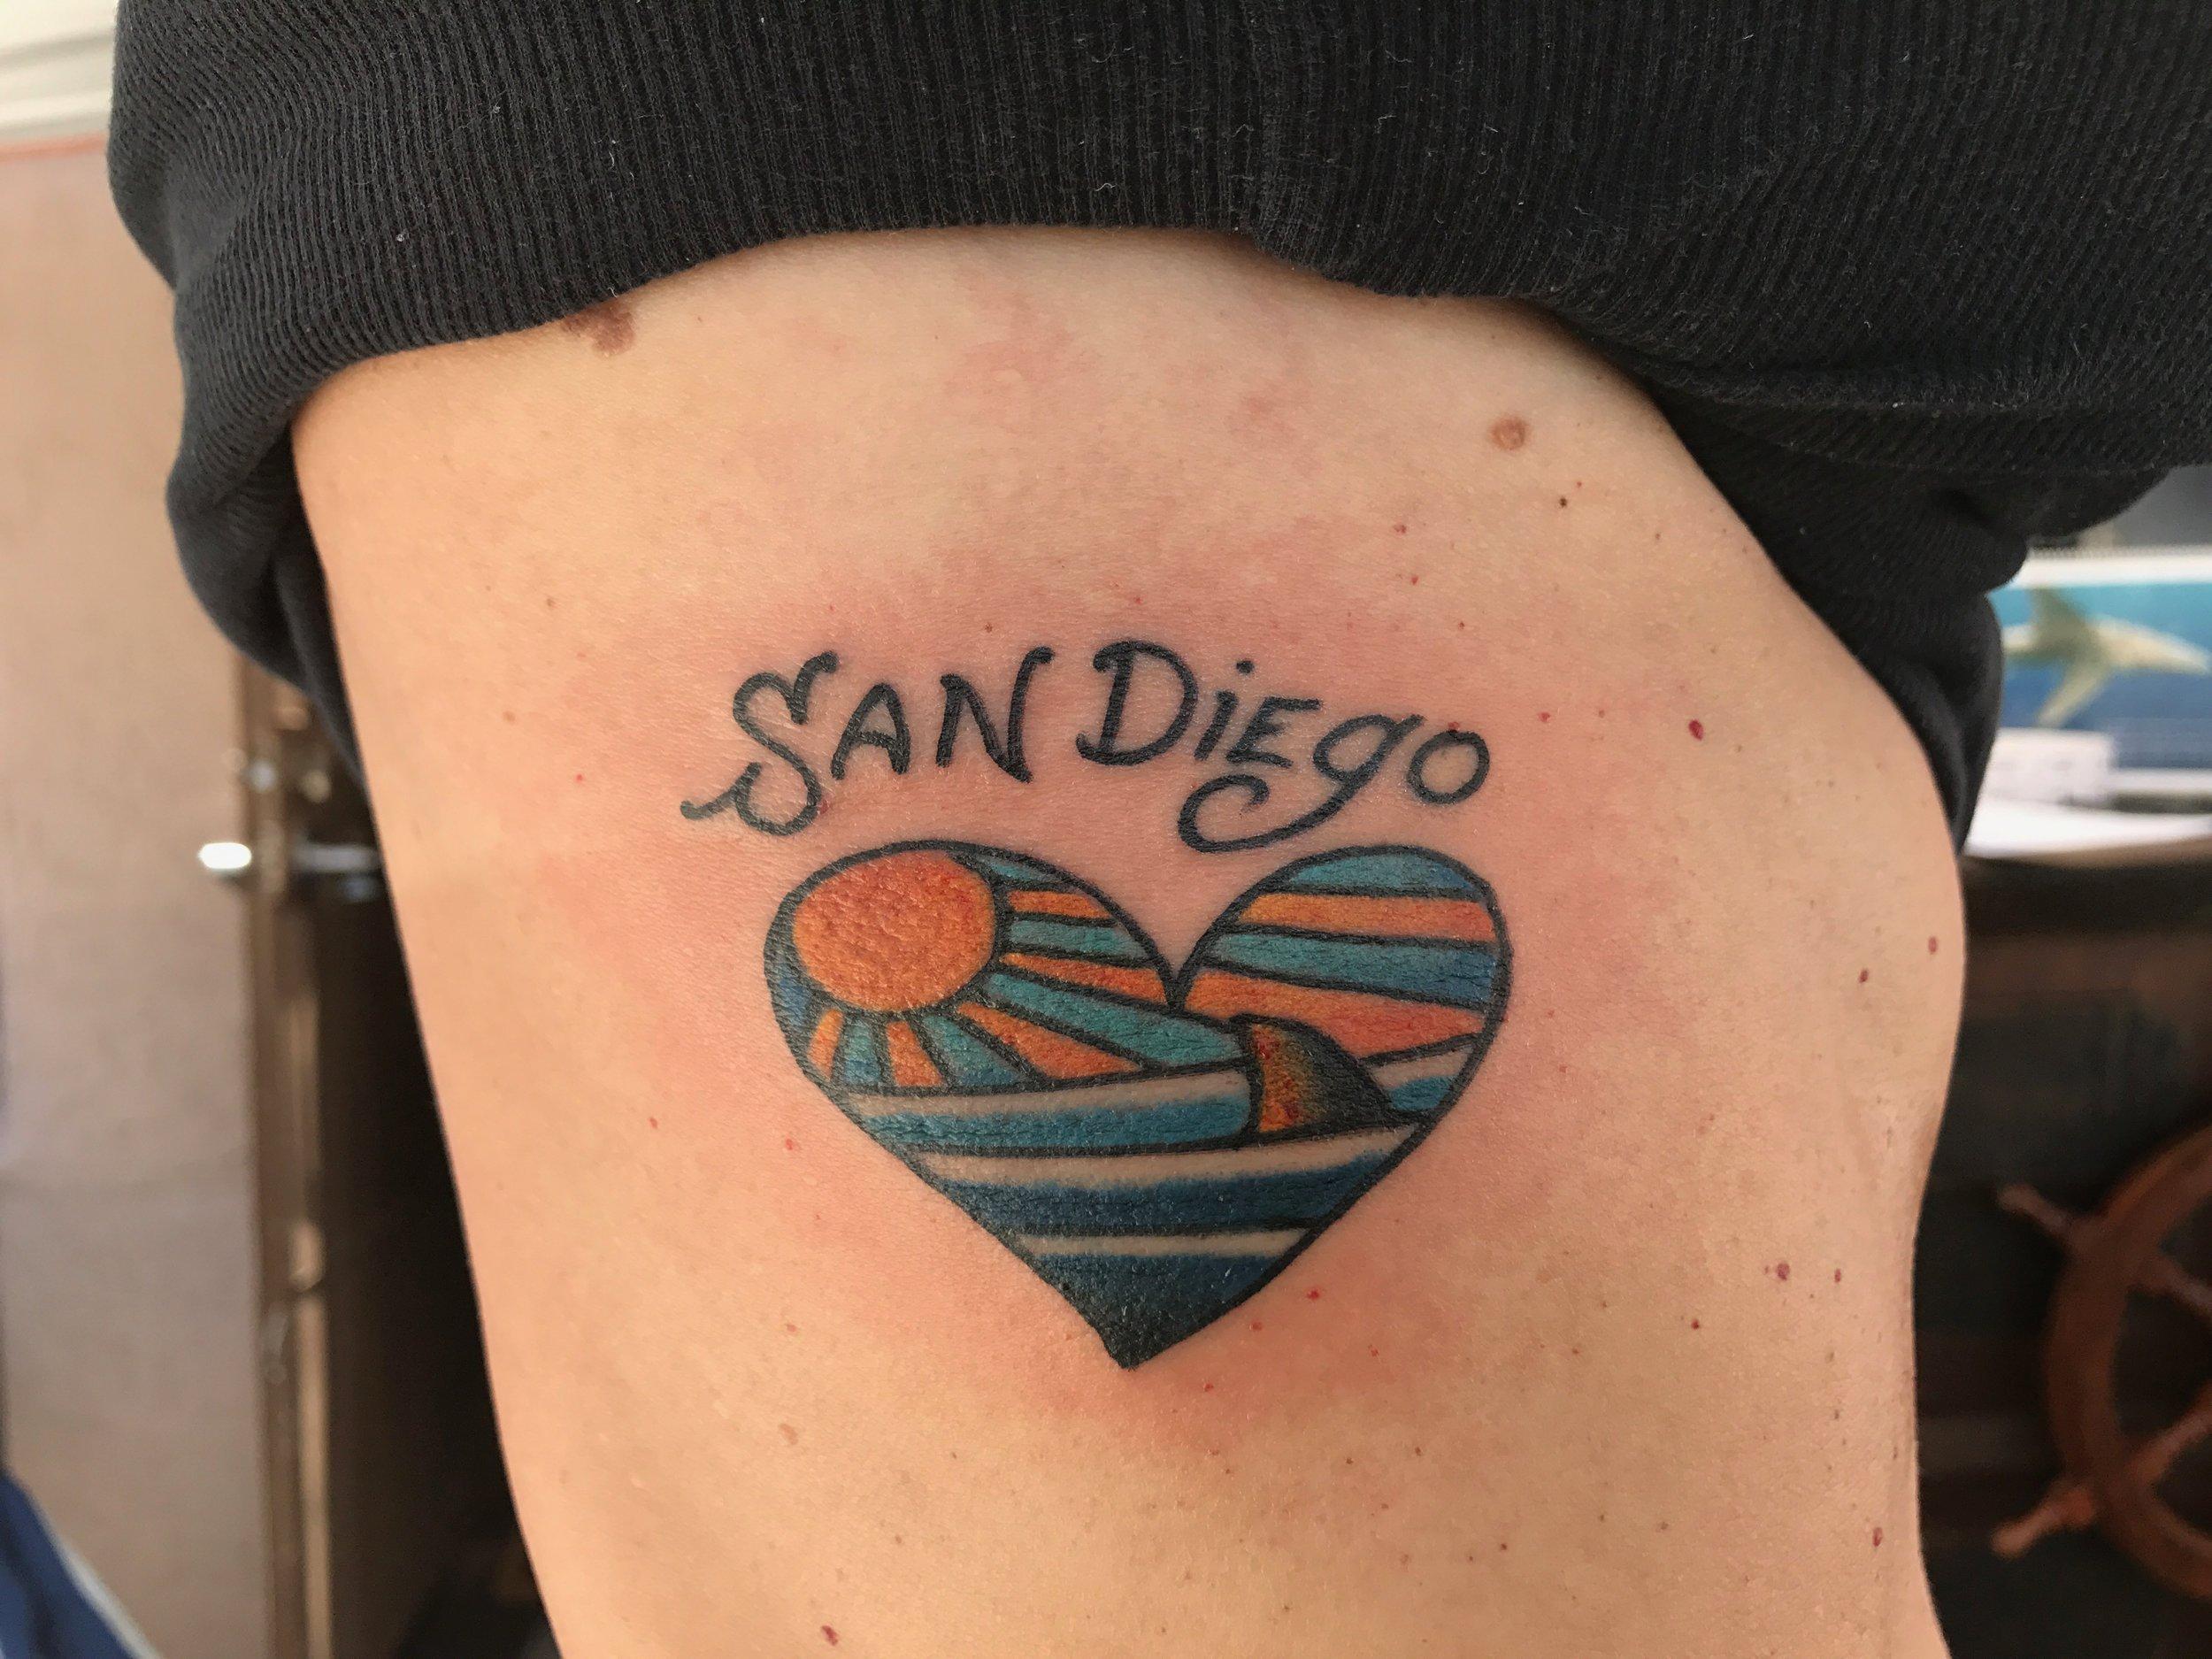 Love San Diego tattoo